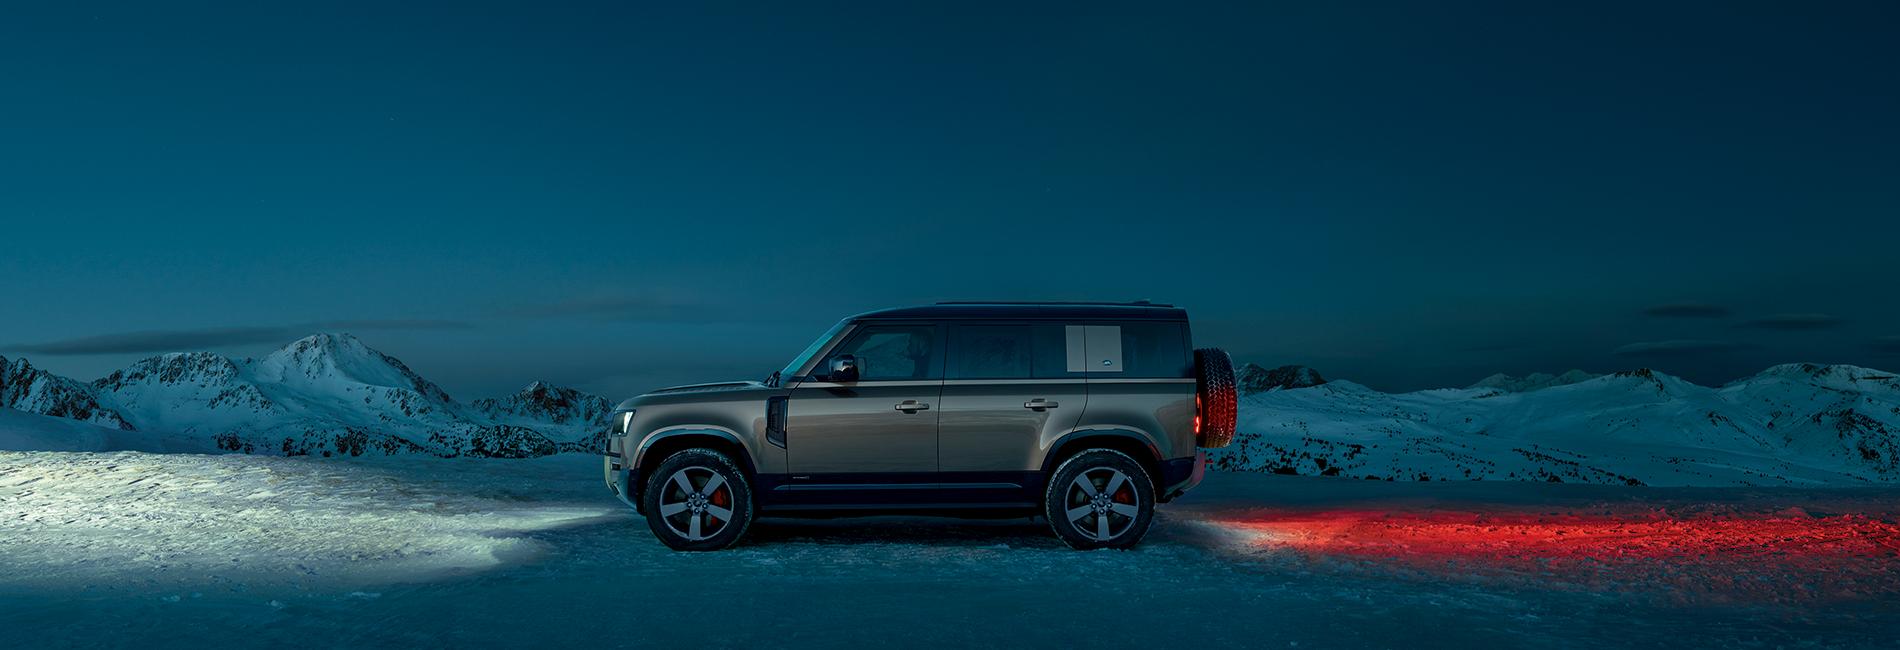 XXI зууны адал явдал эрэлхийлэгчдэд зориулсан шинэ үеийн Land Rover Defender (фото 3)